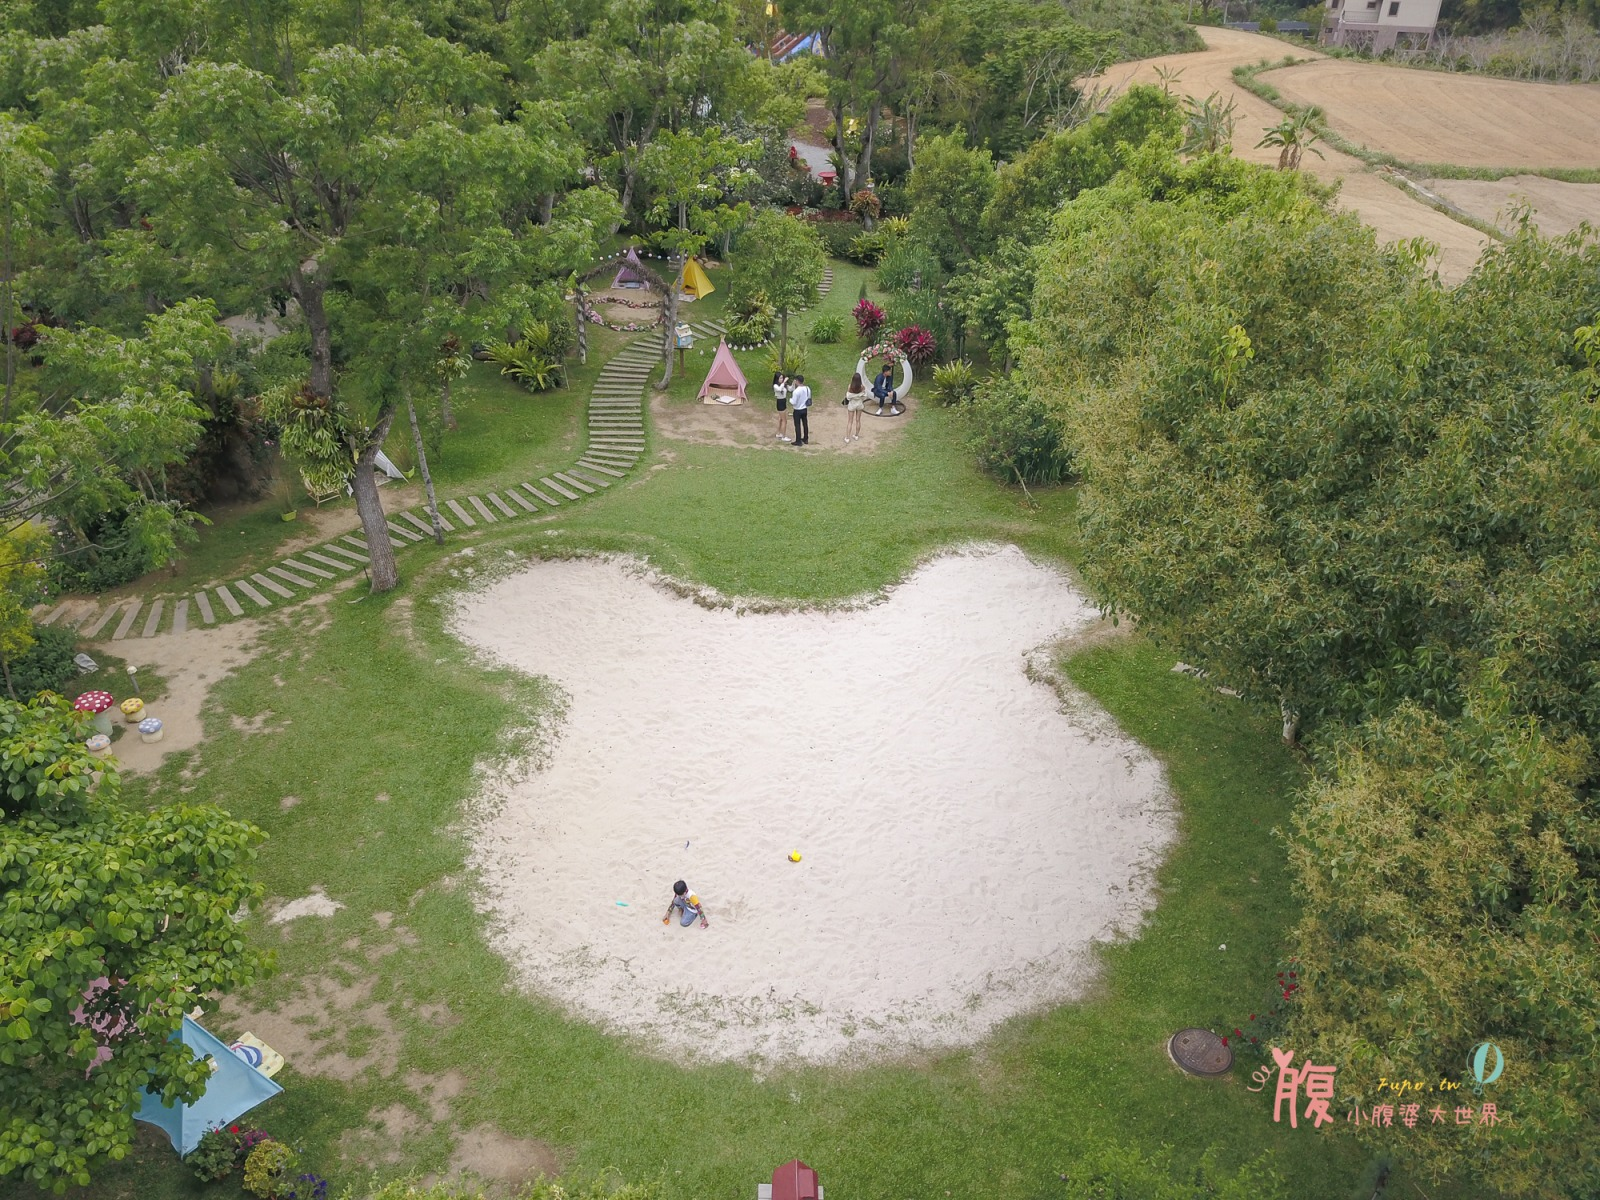 苗栗三義景點》雅聞香草植物工廠,免門票森林系景點!有荷蘭風車.小熊沙堆.玫瑰花海.氣墊溜滑梯很好玩